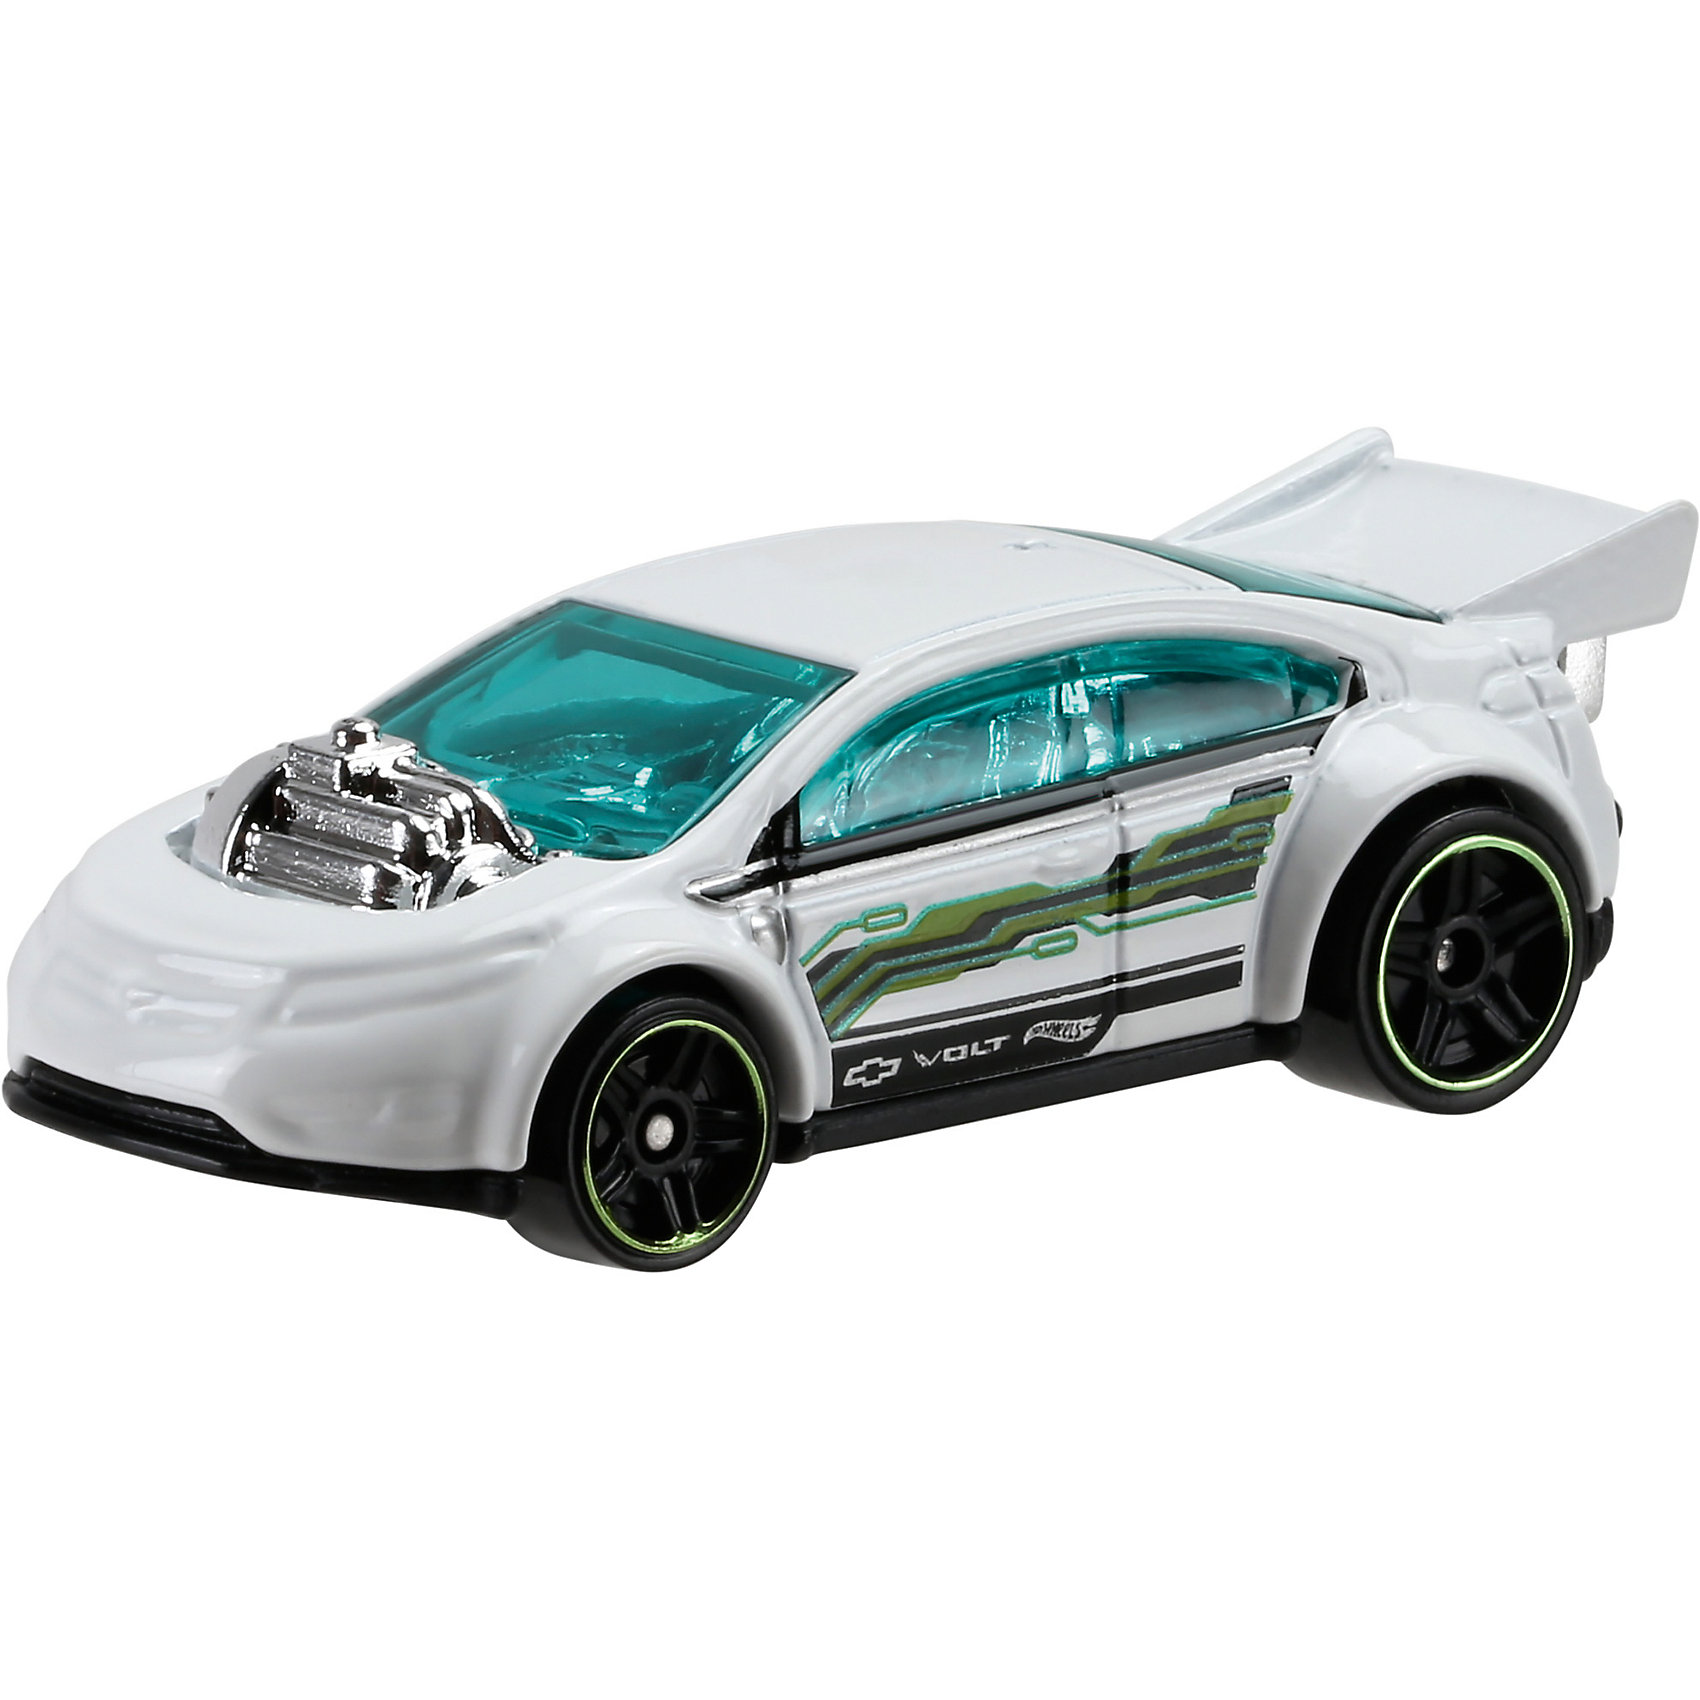 Машинка Hot Wheels из базовой коллекцииМашинка Hot Wheels из базовой коллекции – высококачественная масштабная модель машины, имеющая неординарный, радикальный дизайн. <br><br>В упаковке 1 машинка,  машинки тематически обусловлены от фантазийных, спасательных до экстремальных и просто скоростных машин. <br><br>Соберите свою коллекцию машинок Hot Wheels!<br><br>Дополнительная информация: <br><br>Машинка стандартного размера Hot Wheels<br>Размер упаковки: 11 х 10,5 х 3,5 см<br><br>Ширина мм: 110<br>Глубина мм: 45<br>Высота мм: 110<br>Вес г: 30<br>Возраст от месяцев: 36<br>Возраст до месяцев: 96<br>Пол: Мужской<br>Возраст: Детский<br>SKU: 4888908